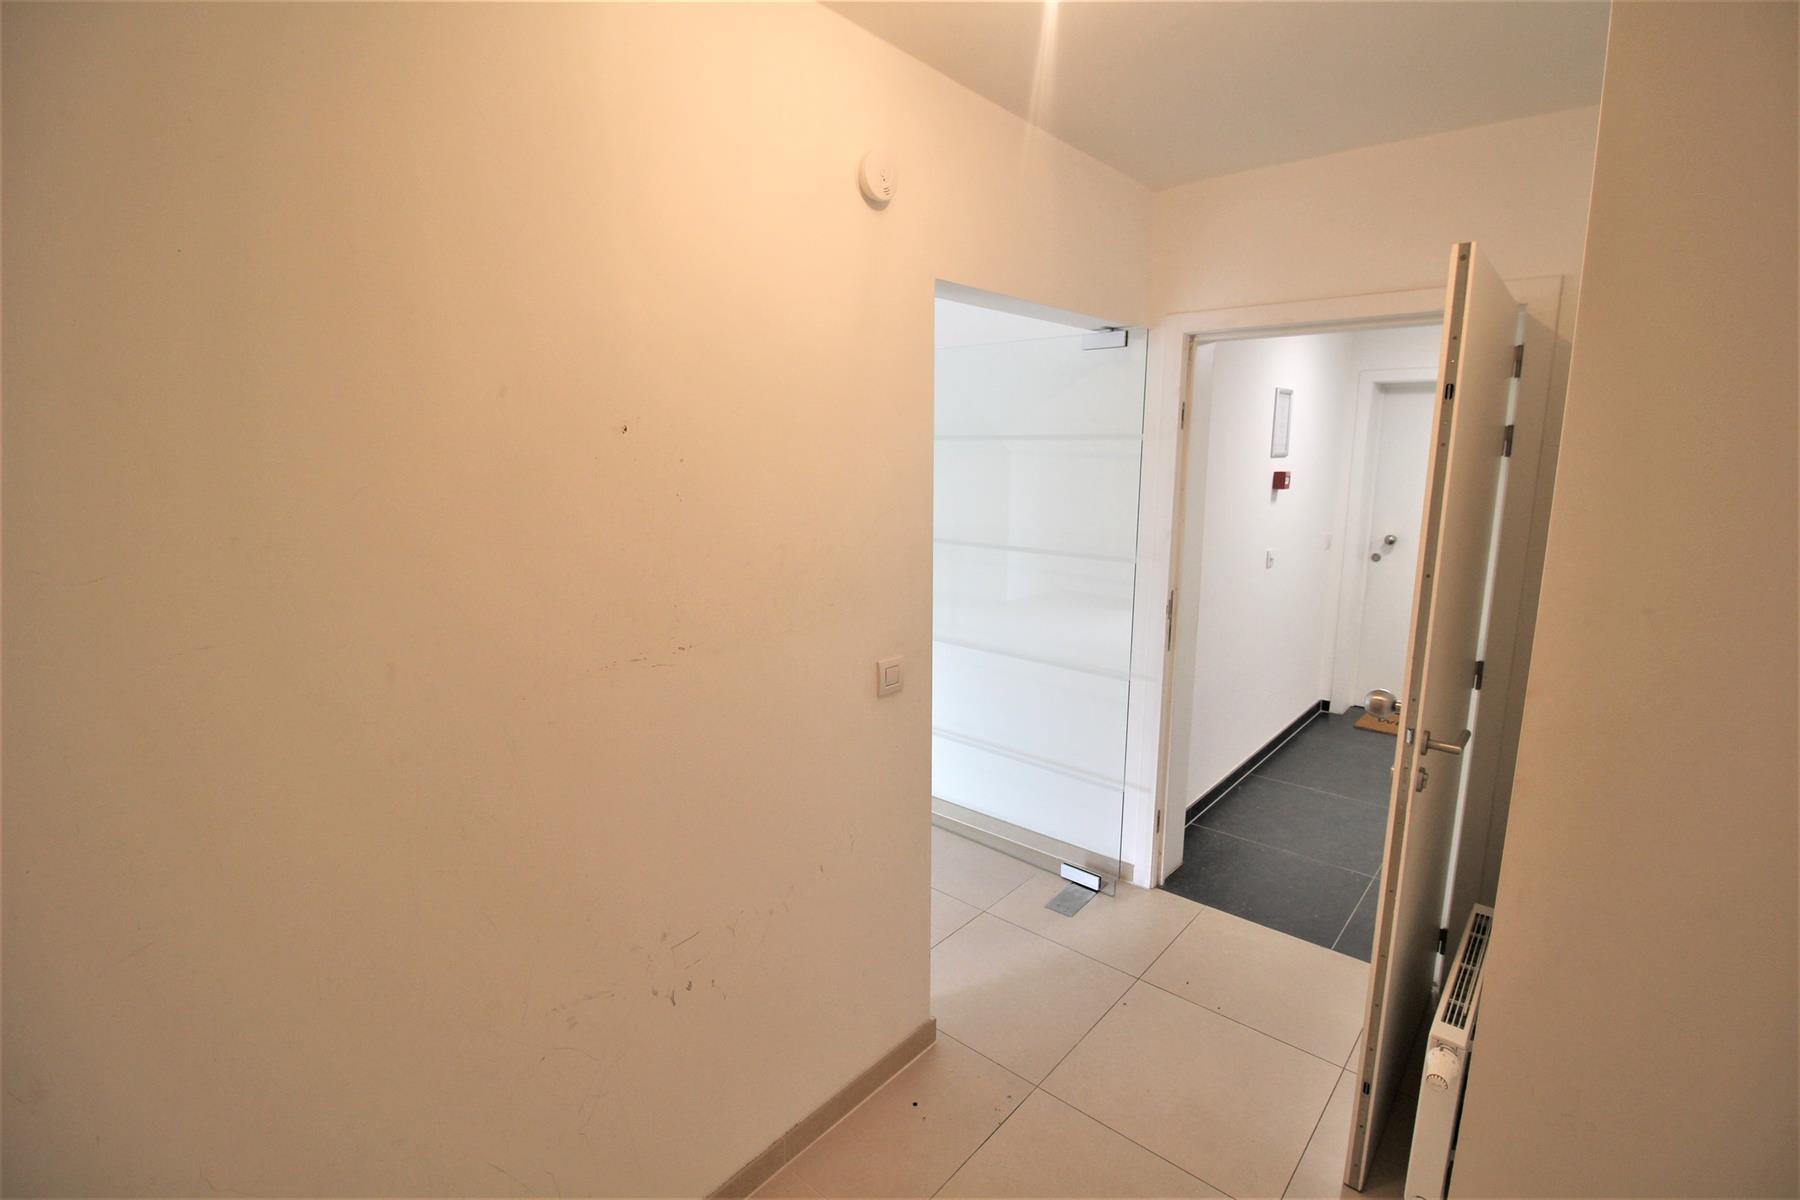 Flat - Grez-Doiceau - #4163133-1